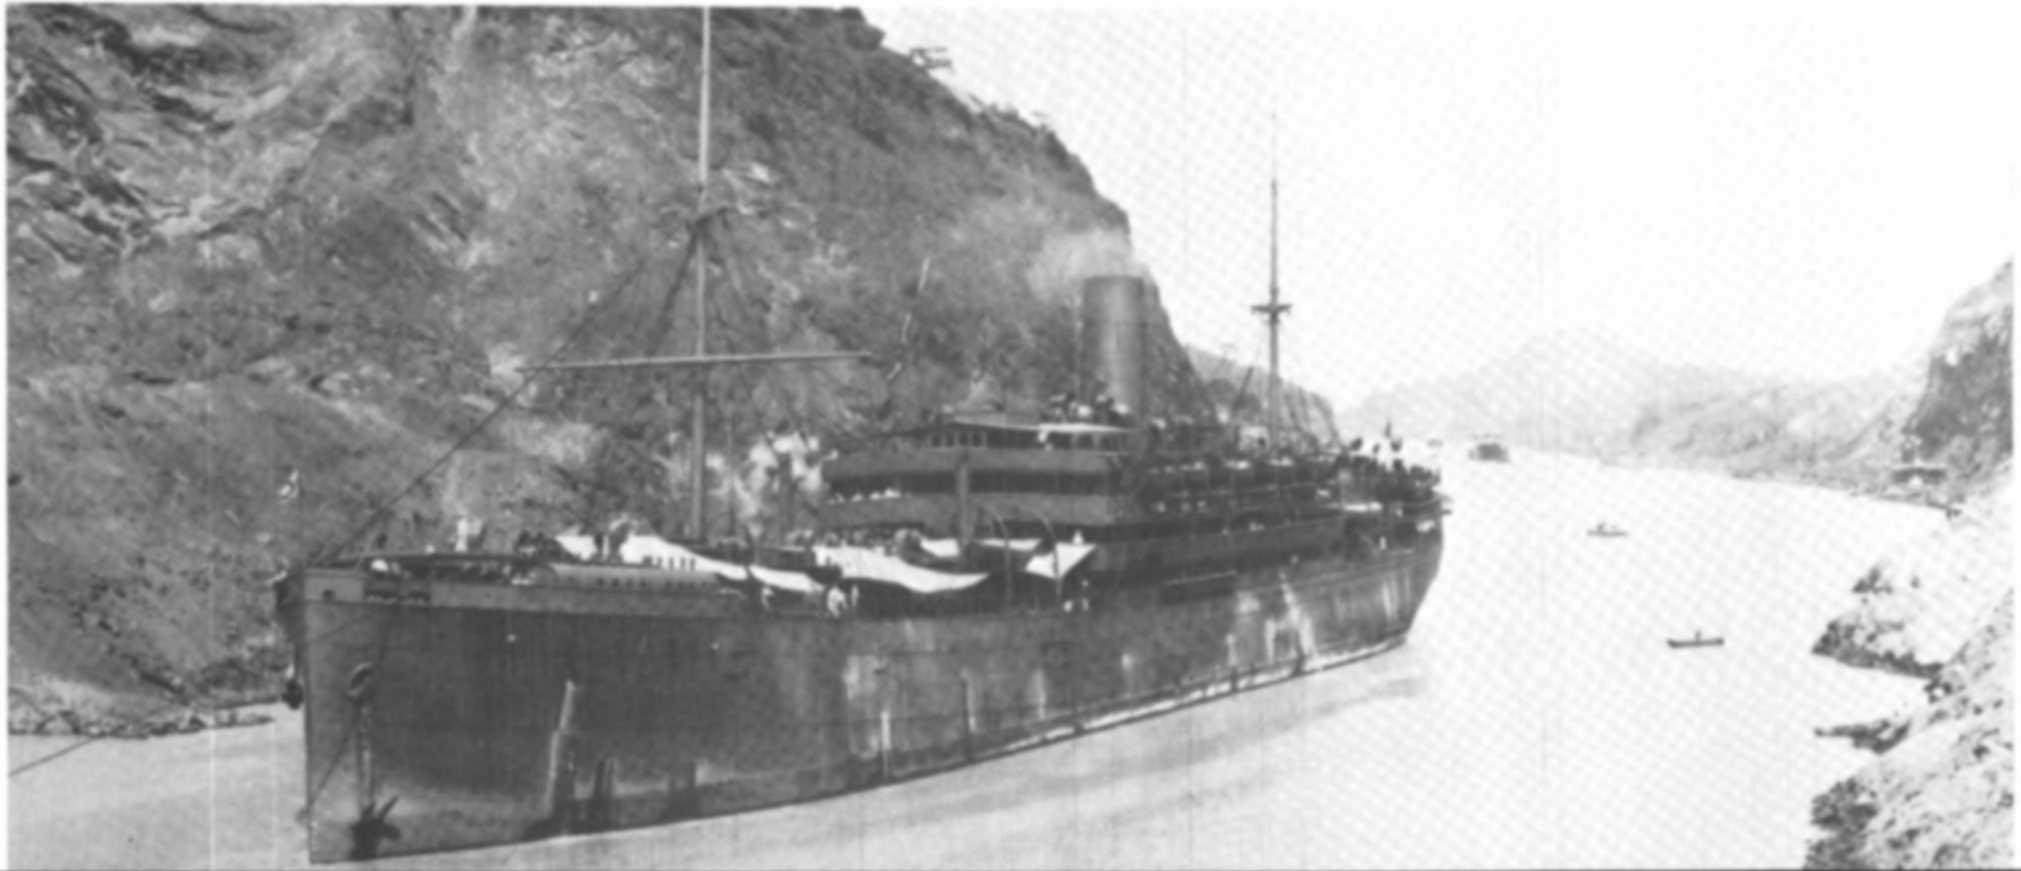 Remuera, Passenger Steam Ship